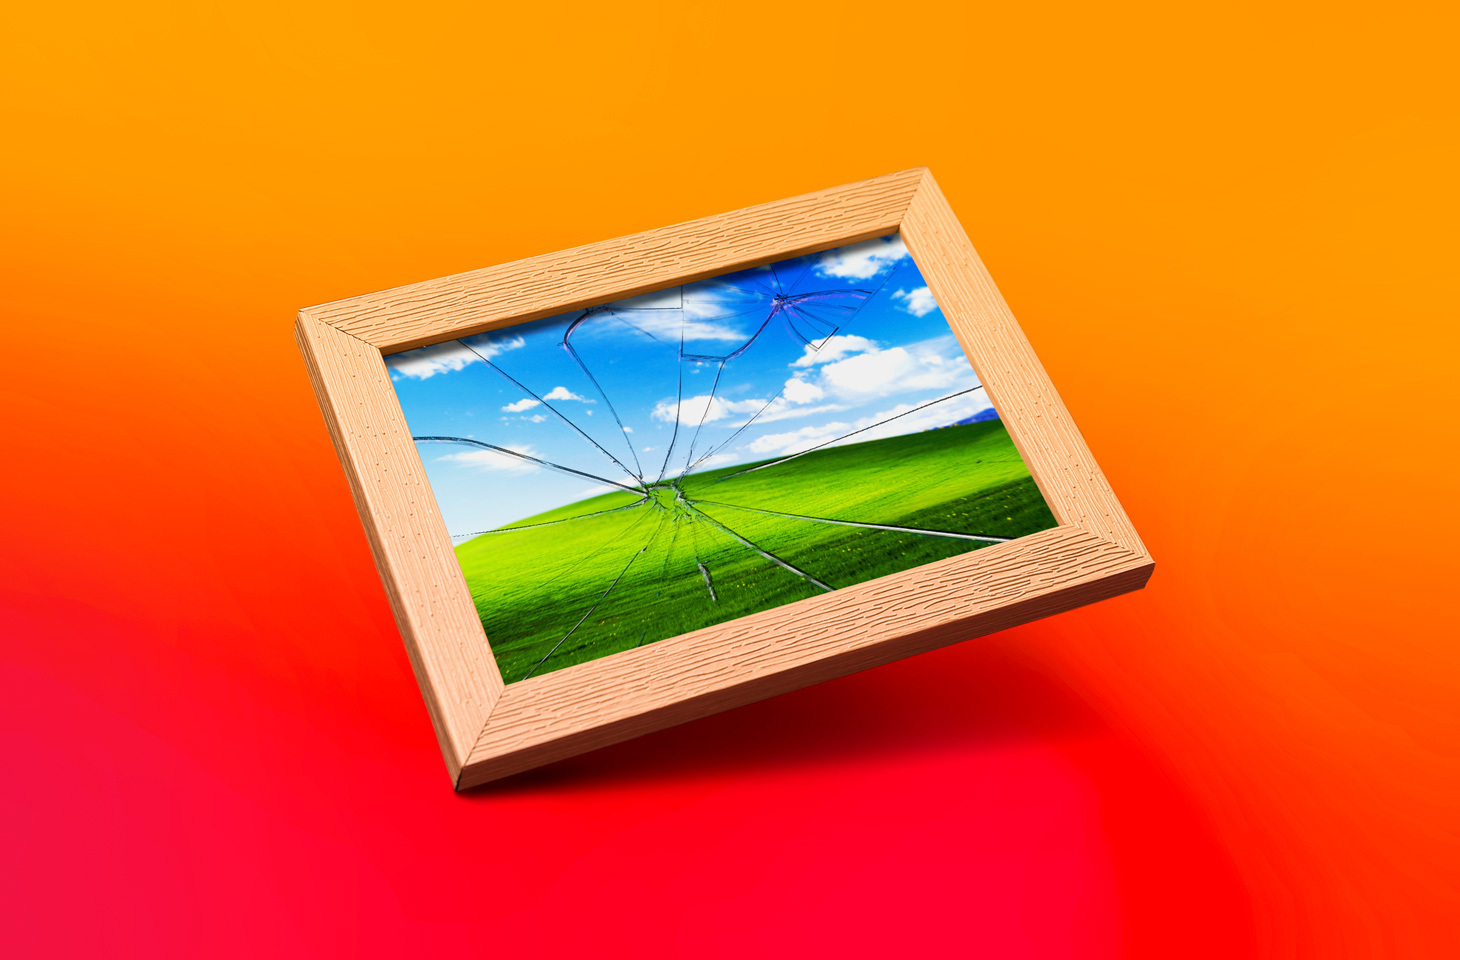 Утечка исходников Windows XP: что делать бизнесу